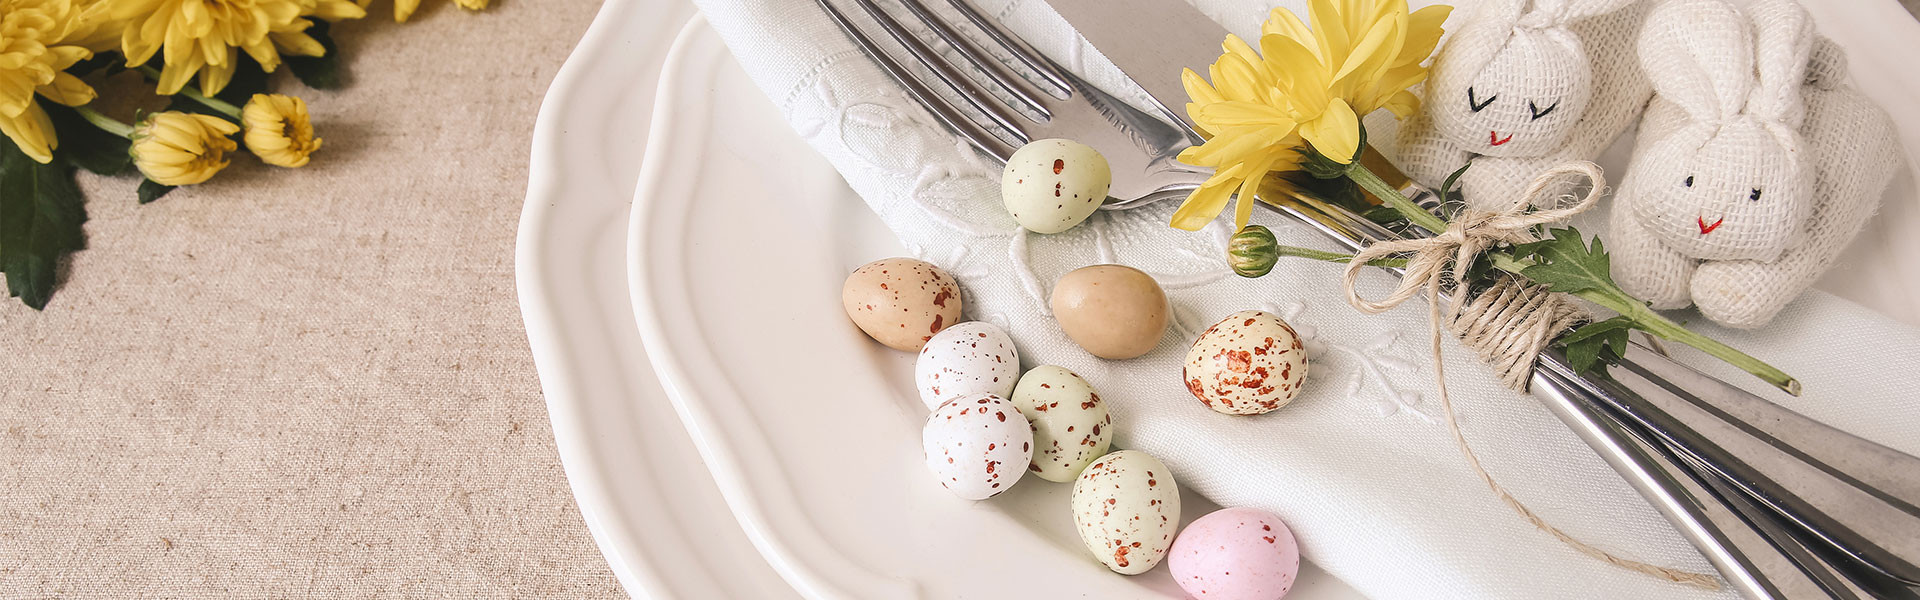 Ricette di Pasqua